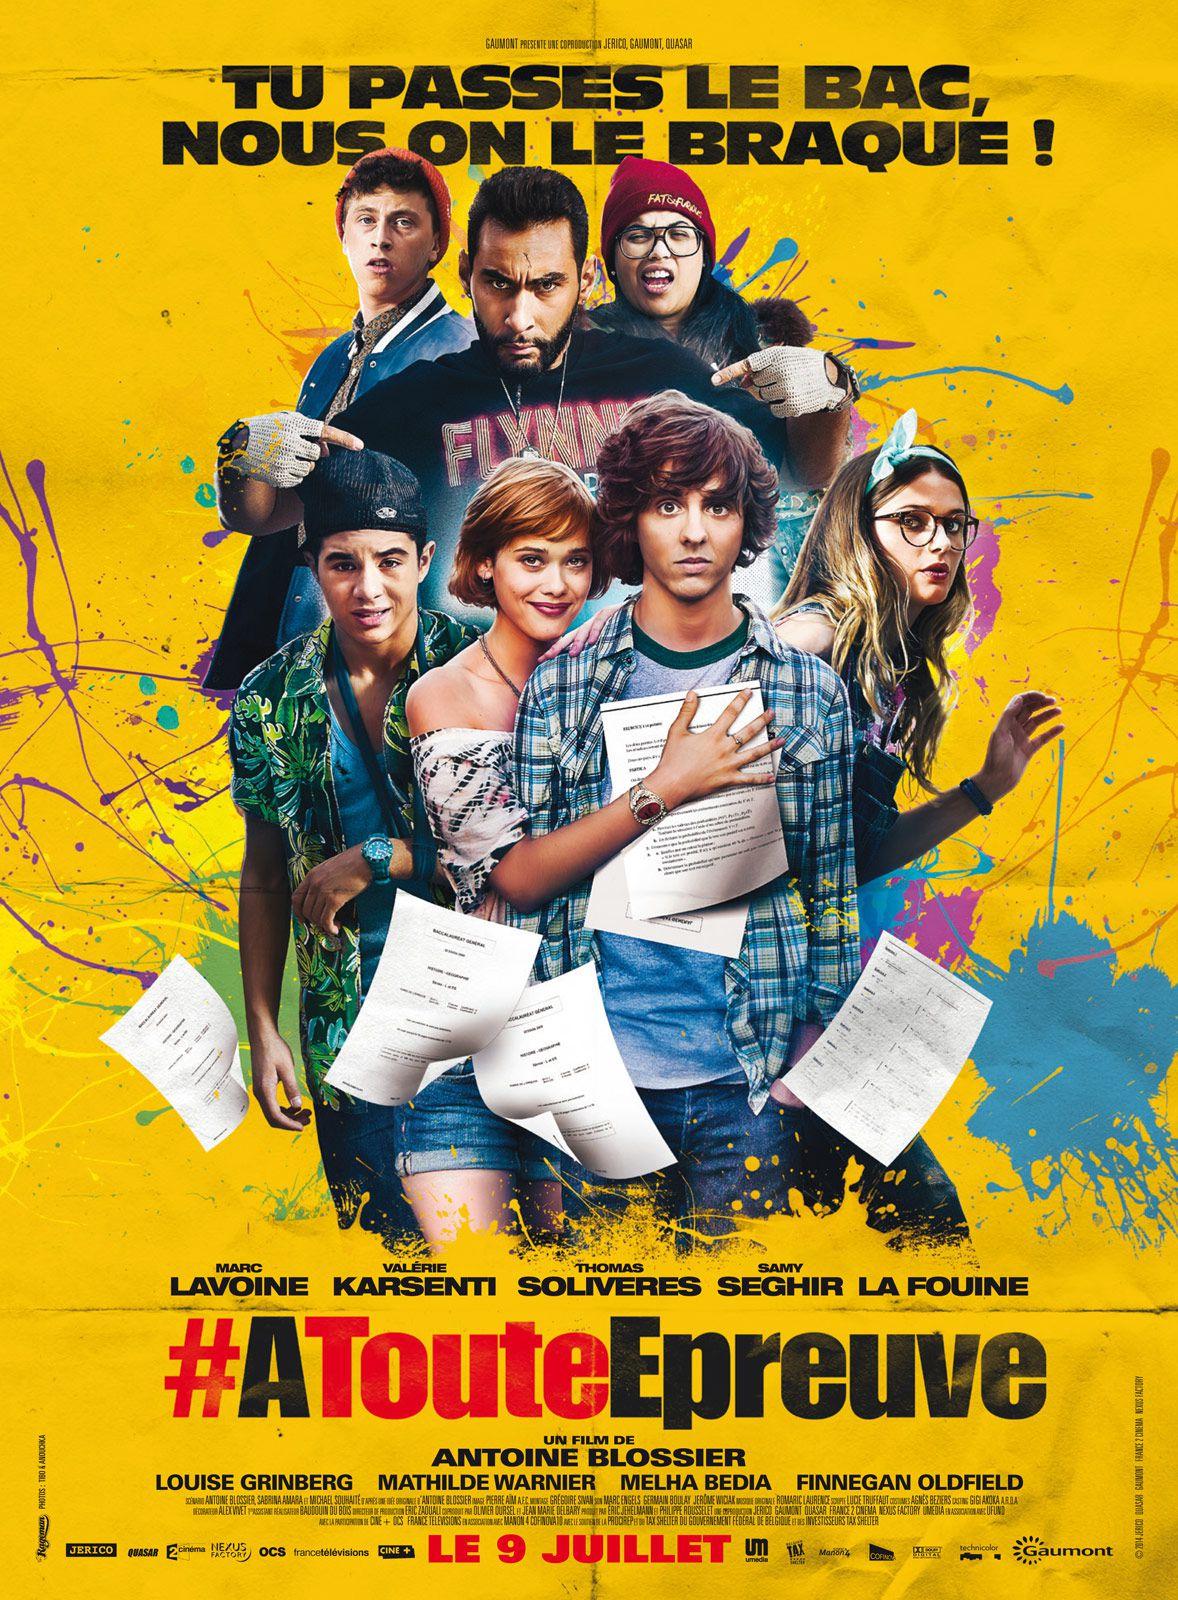 À toute épreuve - Film (2014)